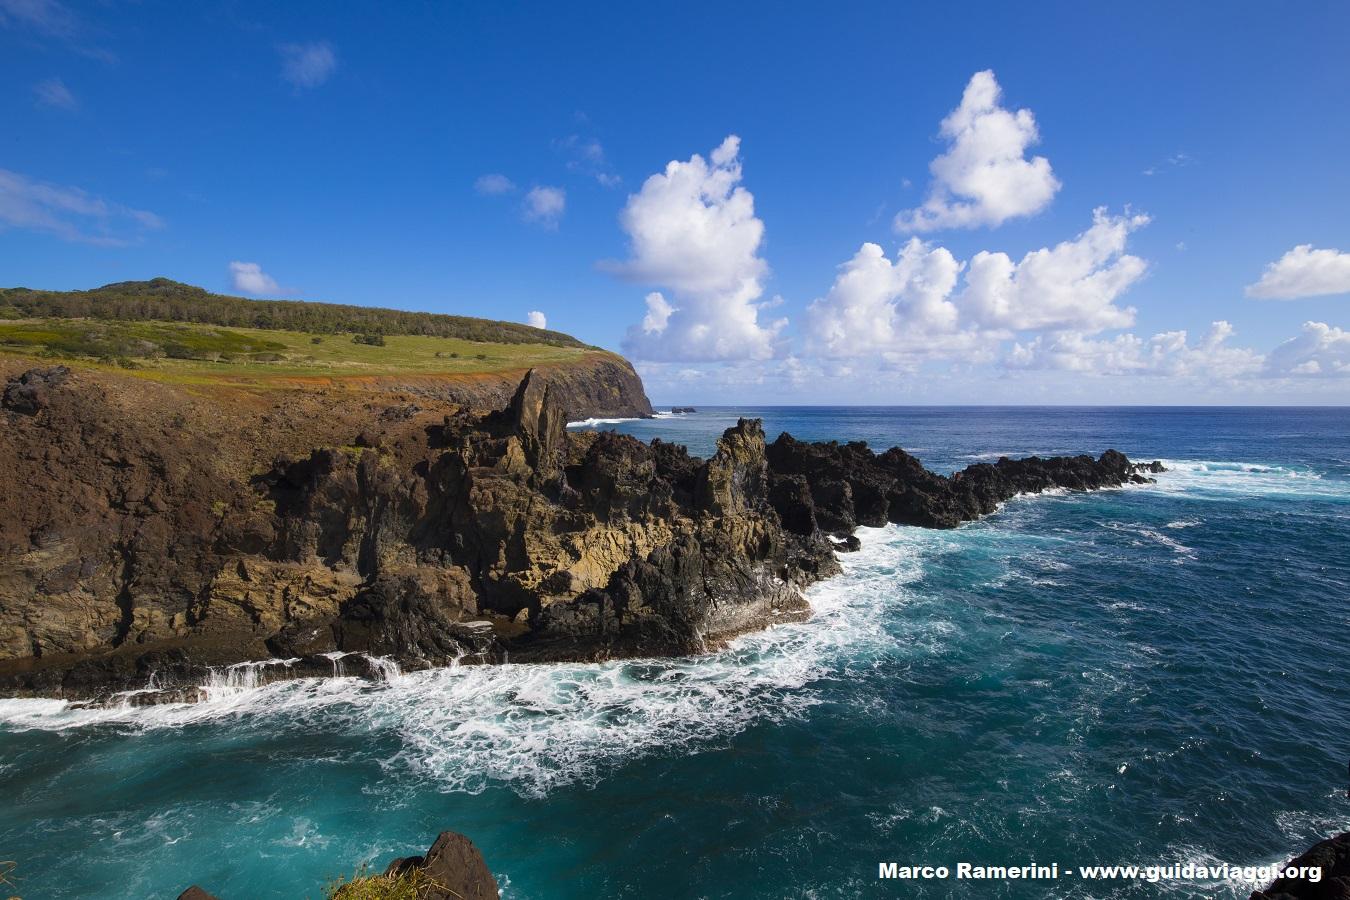 Ana Kai Tangata, Île de Pâques, Chili. Auteur et Copyright Marco Ramerini